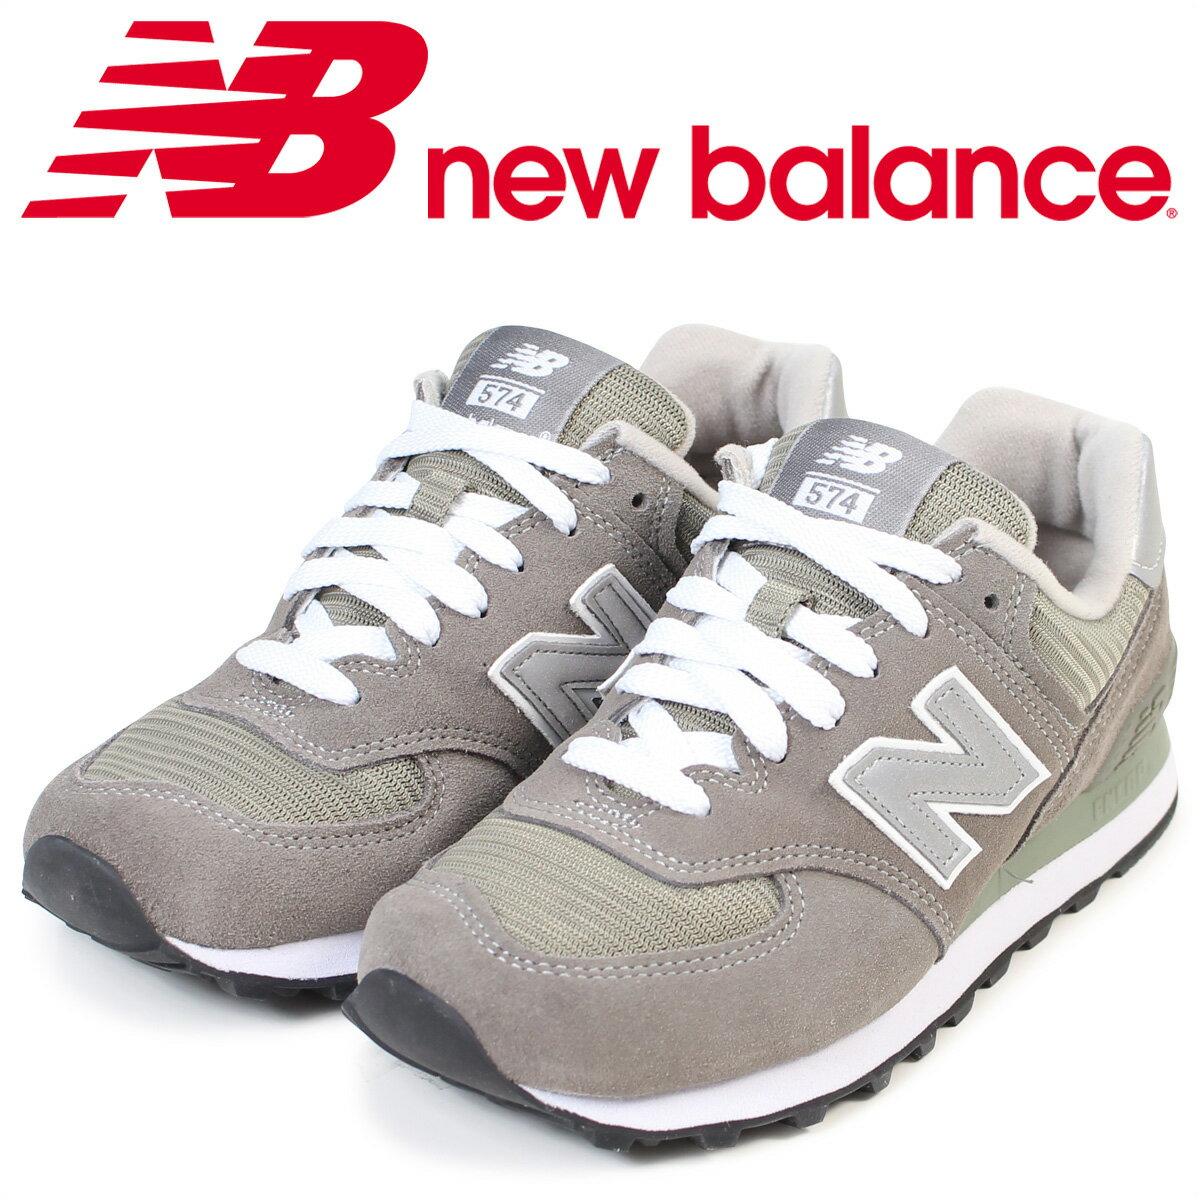 ニューバランス 574 レディース メンズ new balance スニーカー W574GS Bワイズ Dワイズ 靴 グレー